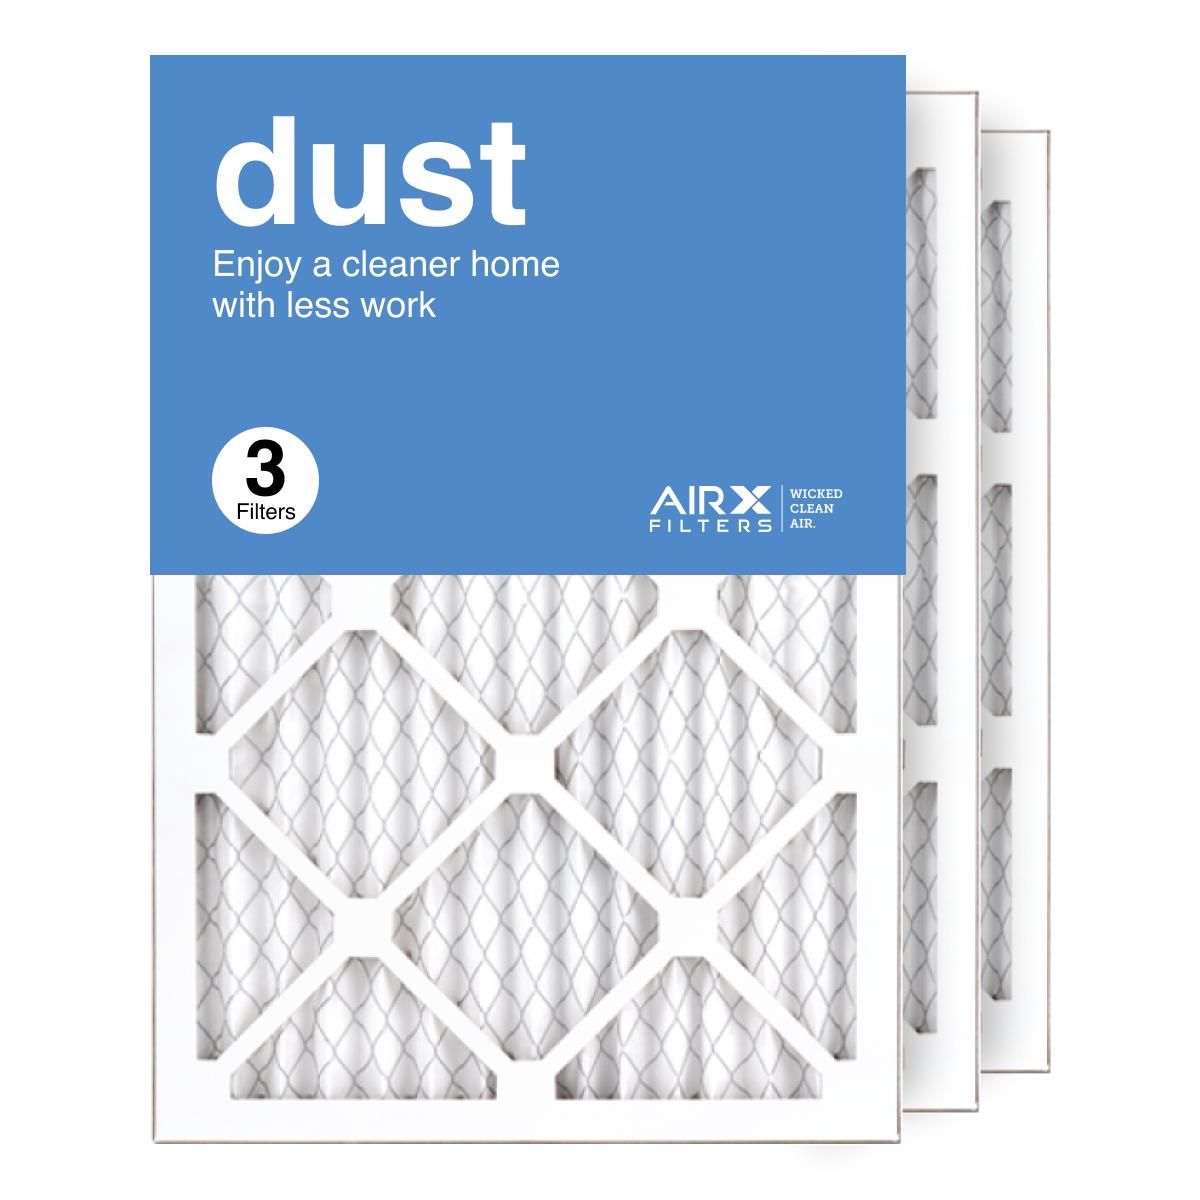 14x20x1 AIRx DUST Air Filter, 3-Pack